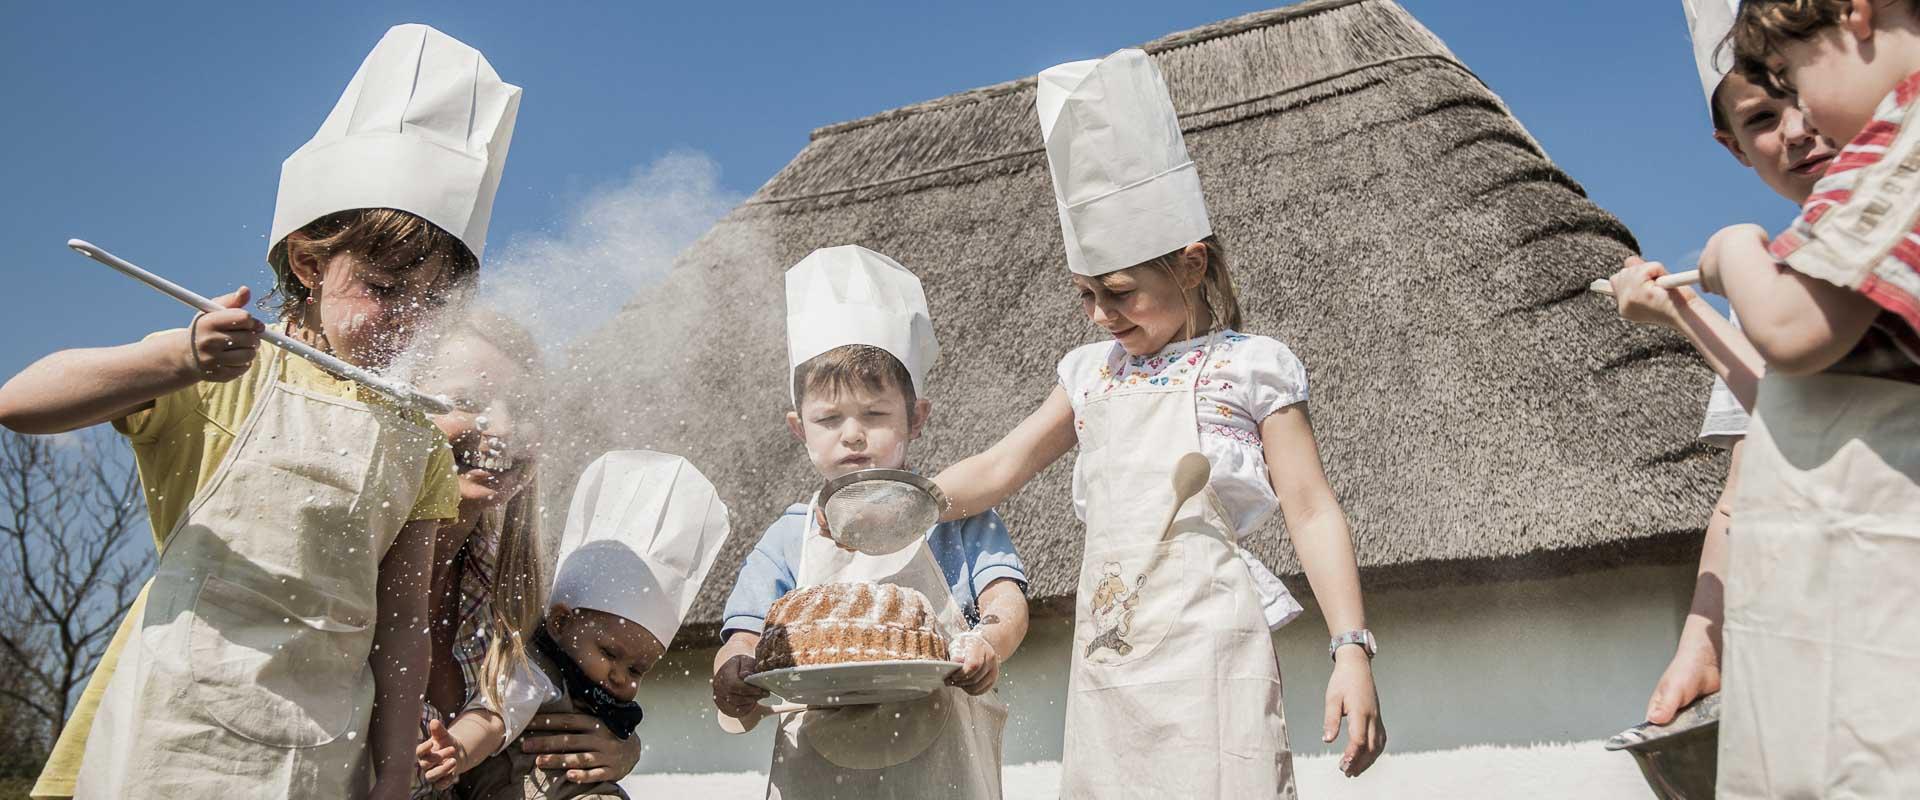 Kinder beim Dekorieren von selbstgebackenem Kuchen